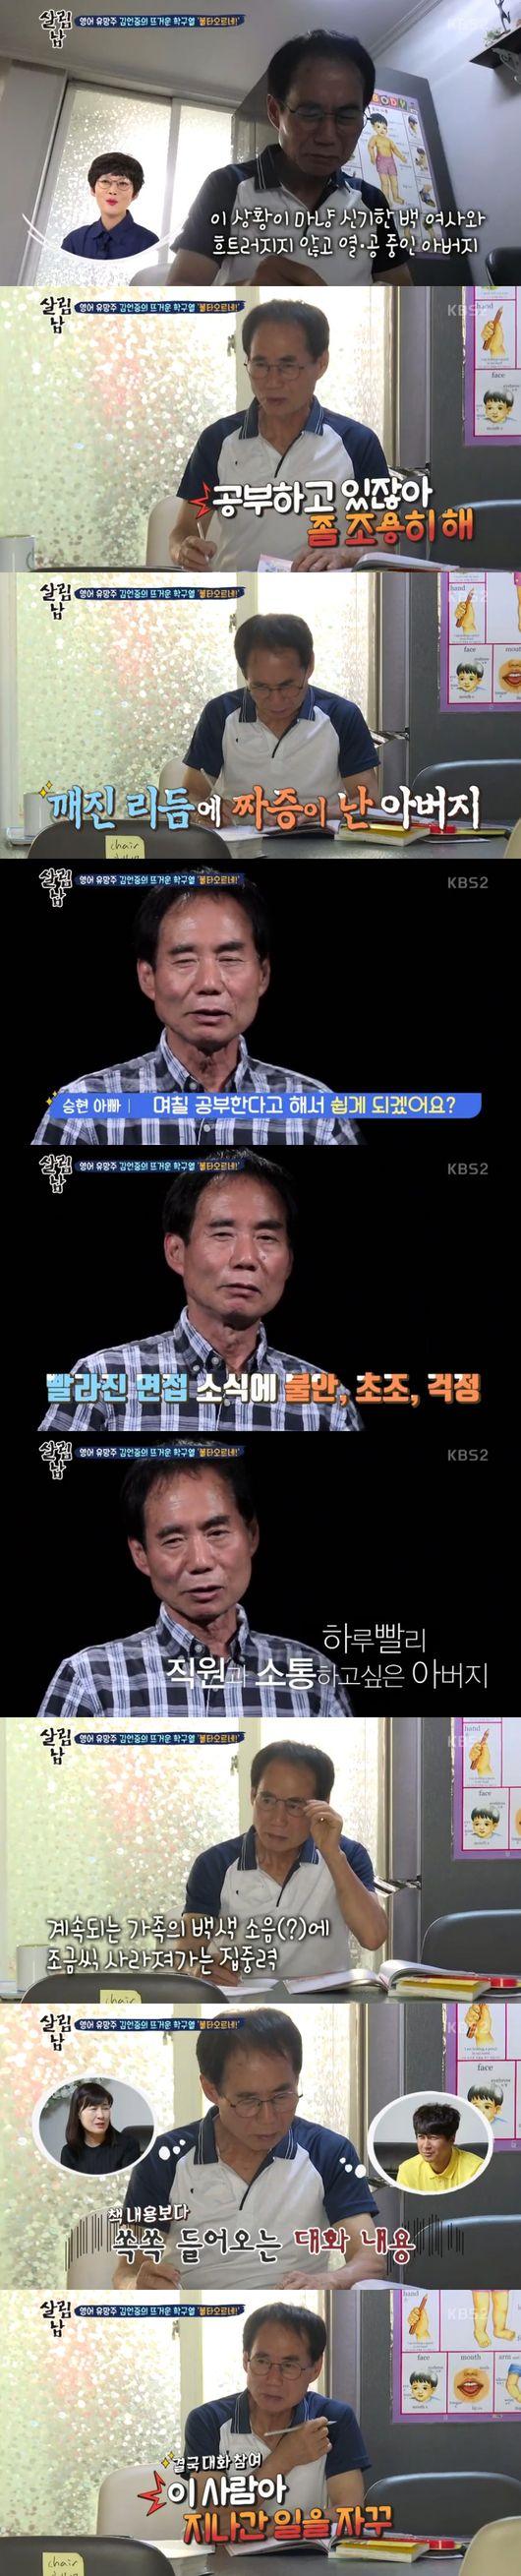 """[어저께TV]""""배움엔 끝 없어"""" '살림남2' 승현父, 71세 '만학도's 영어 정복기"""